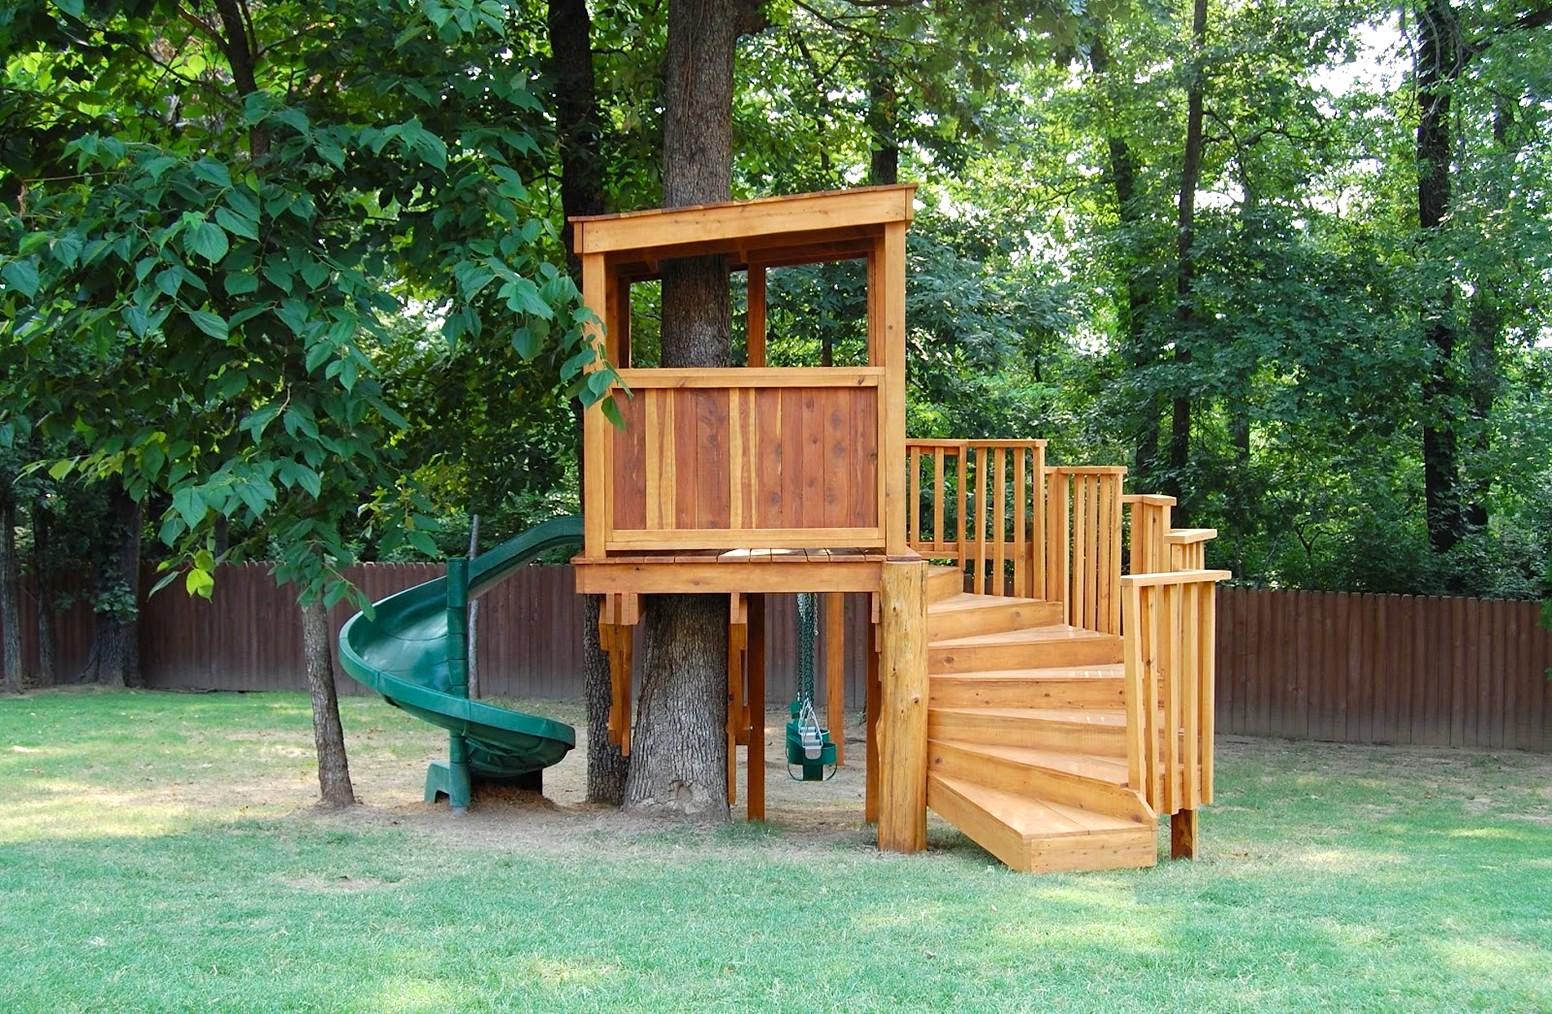 Домик на дереве - лучший способ скрасить досуг вашего ребенка